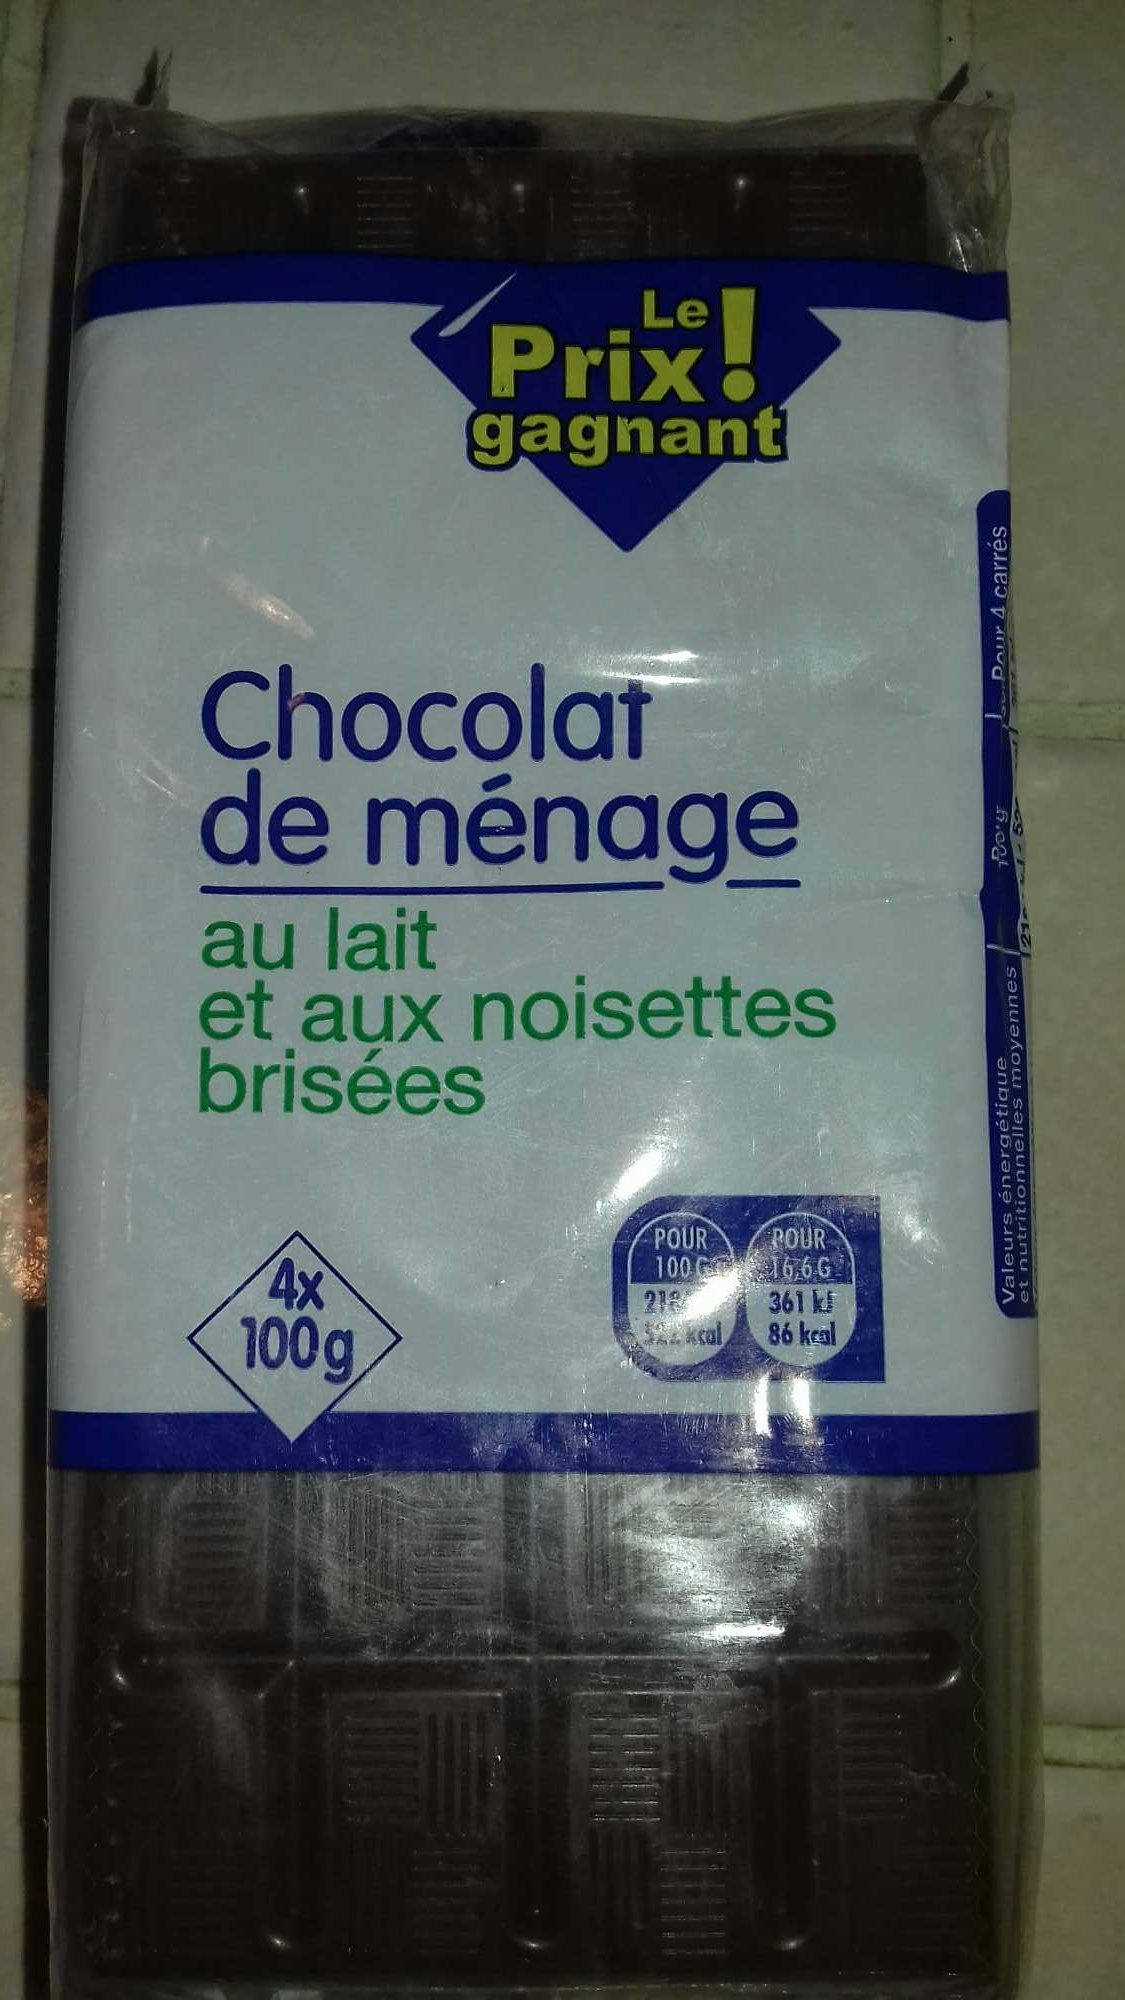 Chocolat de ménage - Product - fr